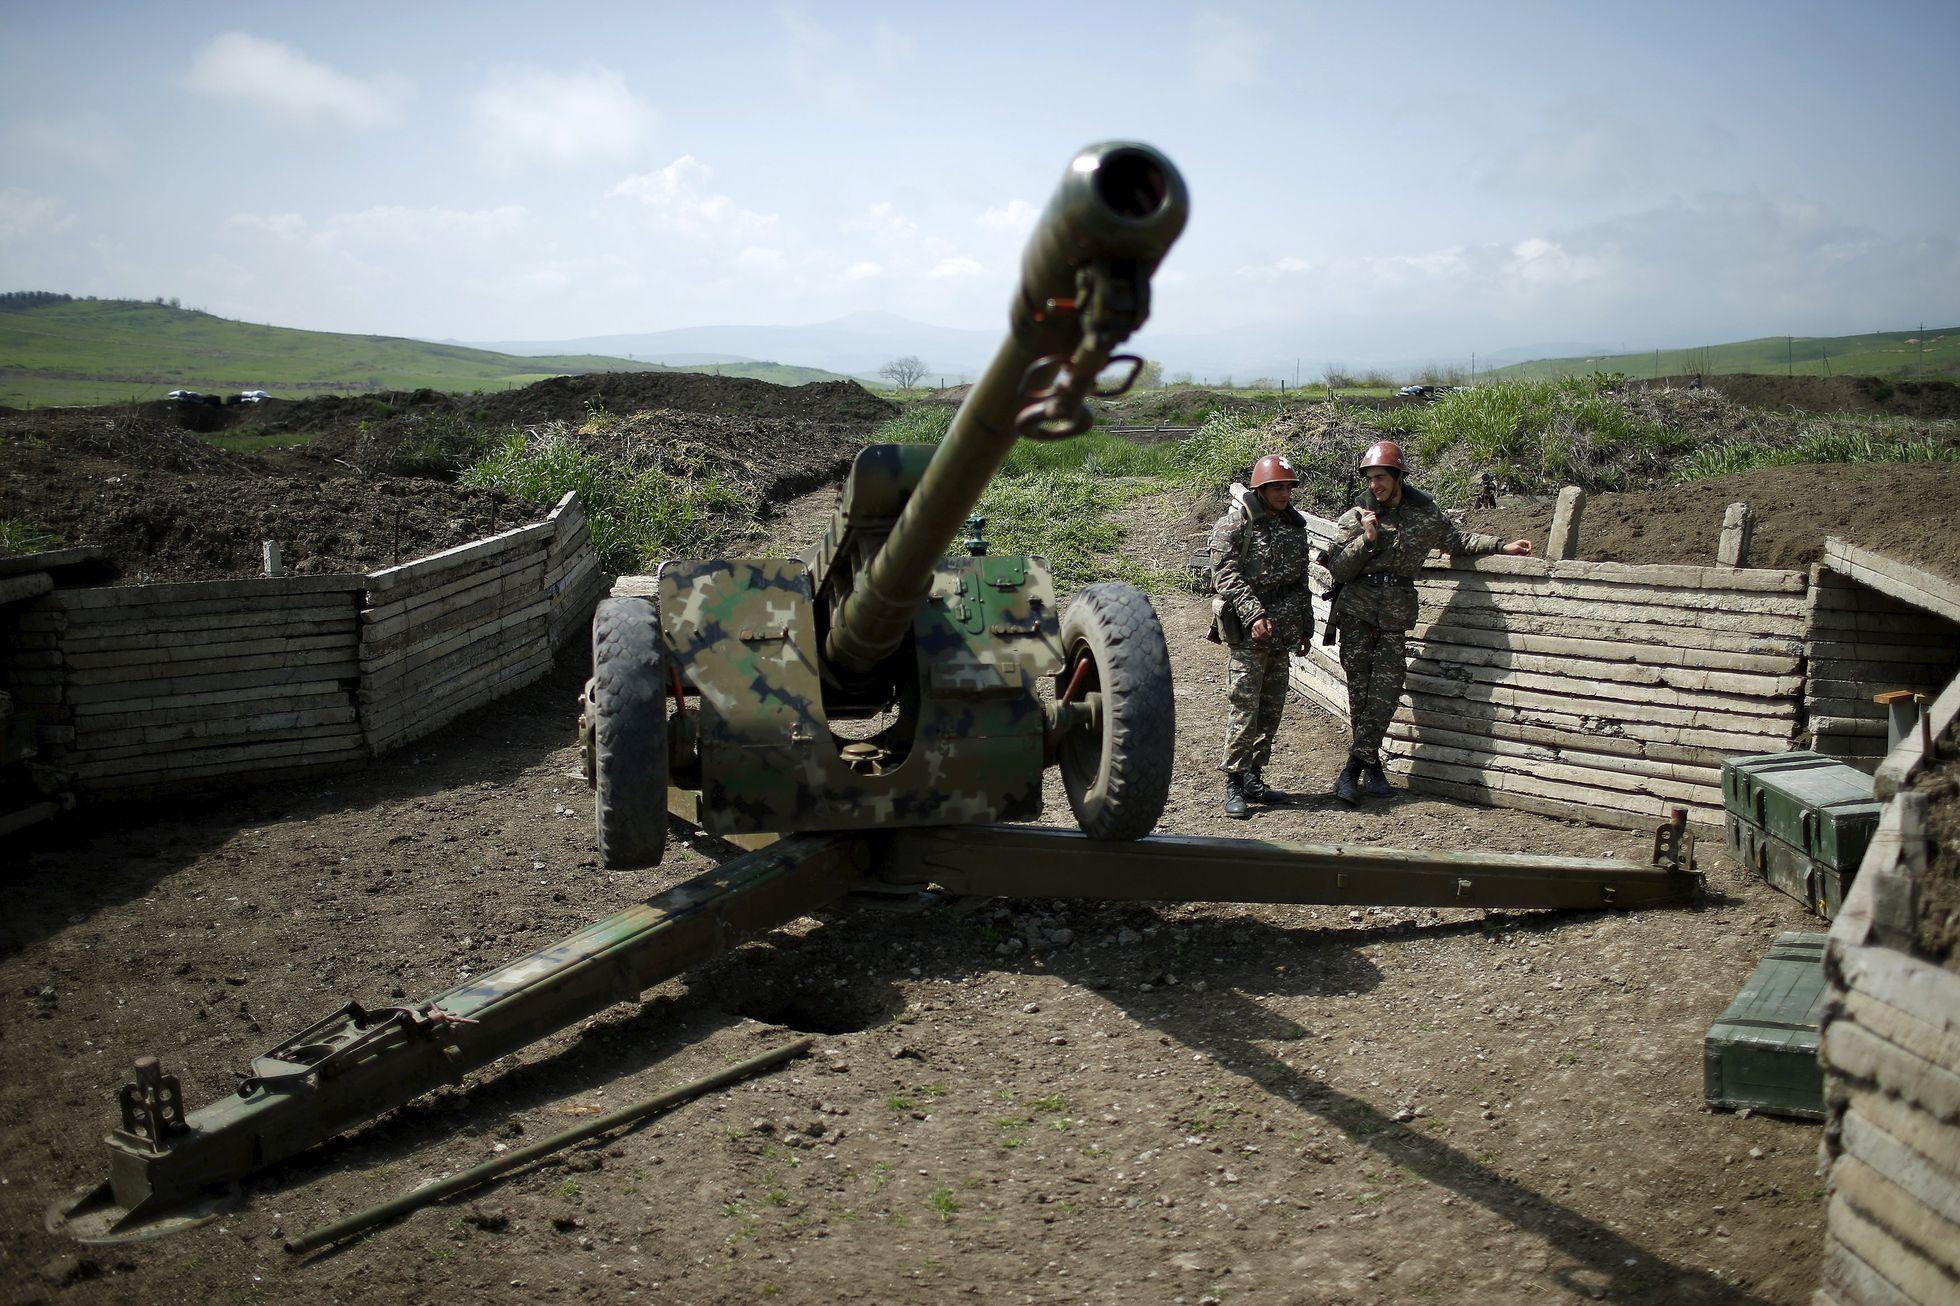 اختراق الهدنة بين أرمينيا وأذربيجان واشتباكات عنيفة فى جنوب قره باغ